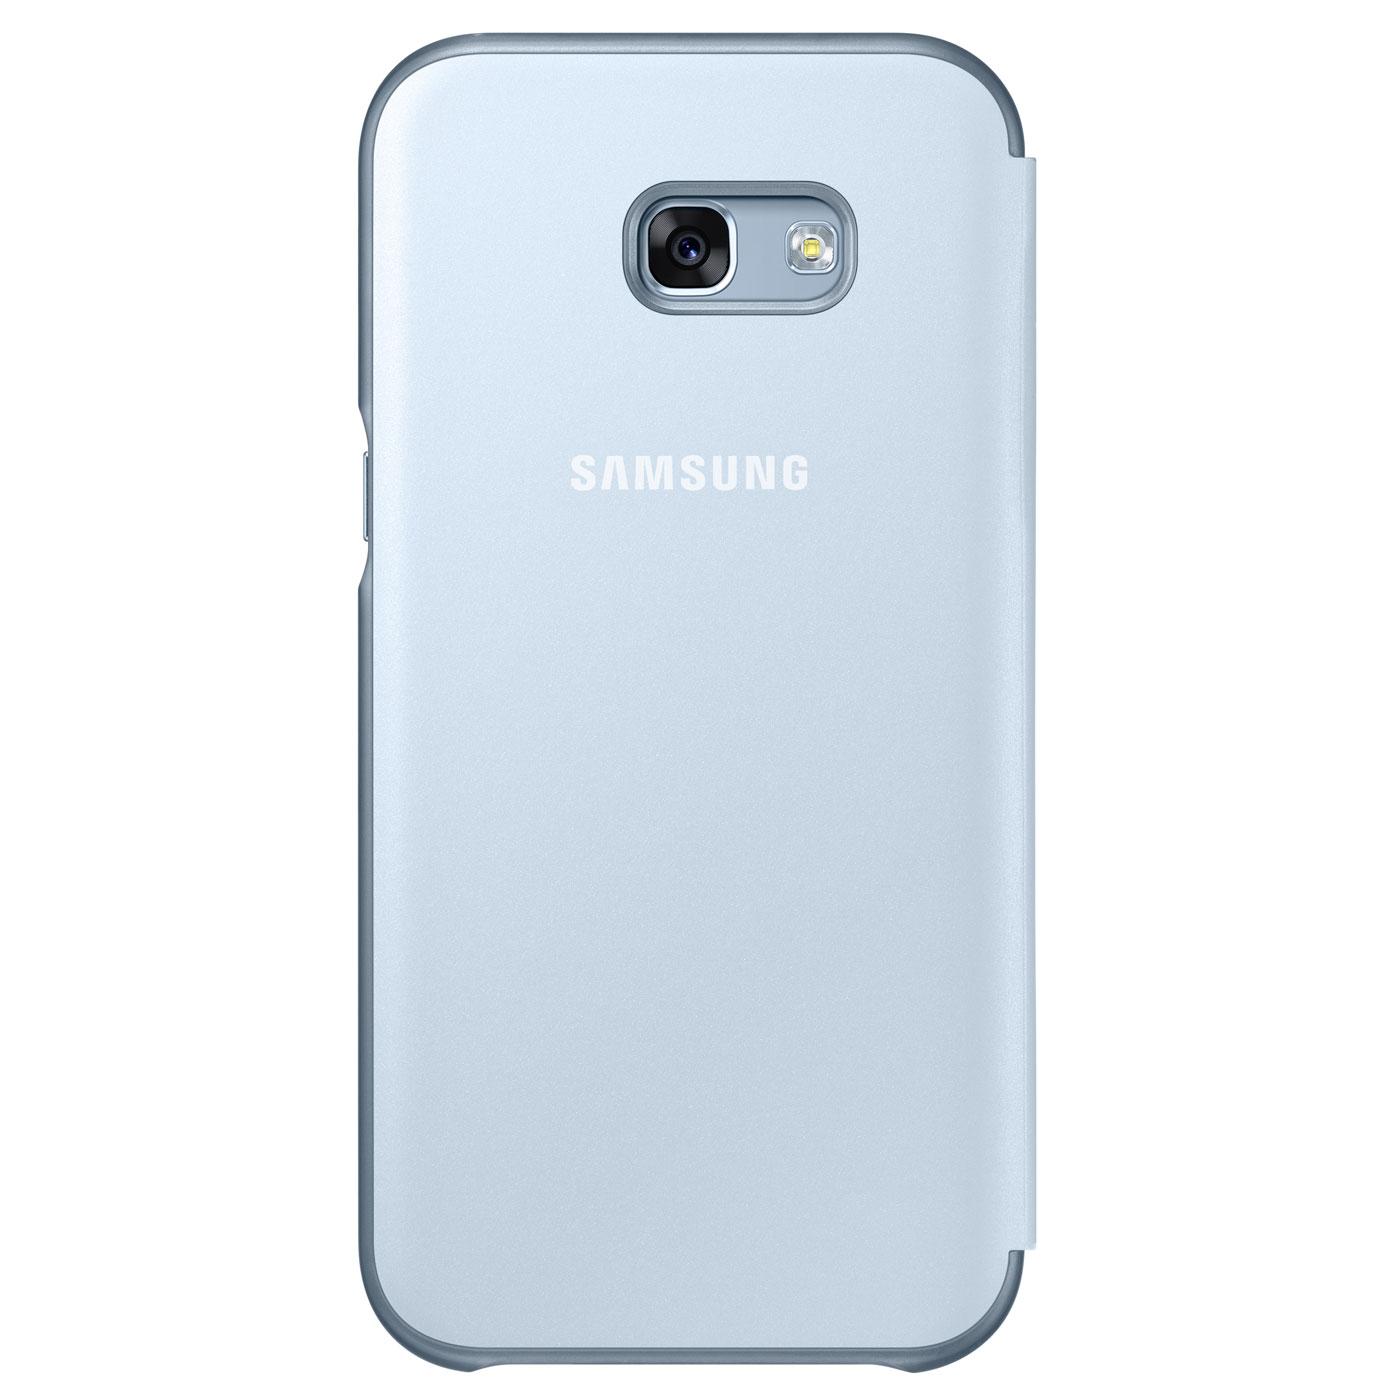 samsung flip cover neon bleu samsung galaxy a3 2017 etui t l phone samsung sur